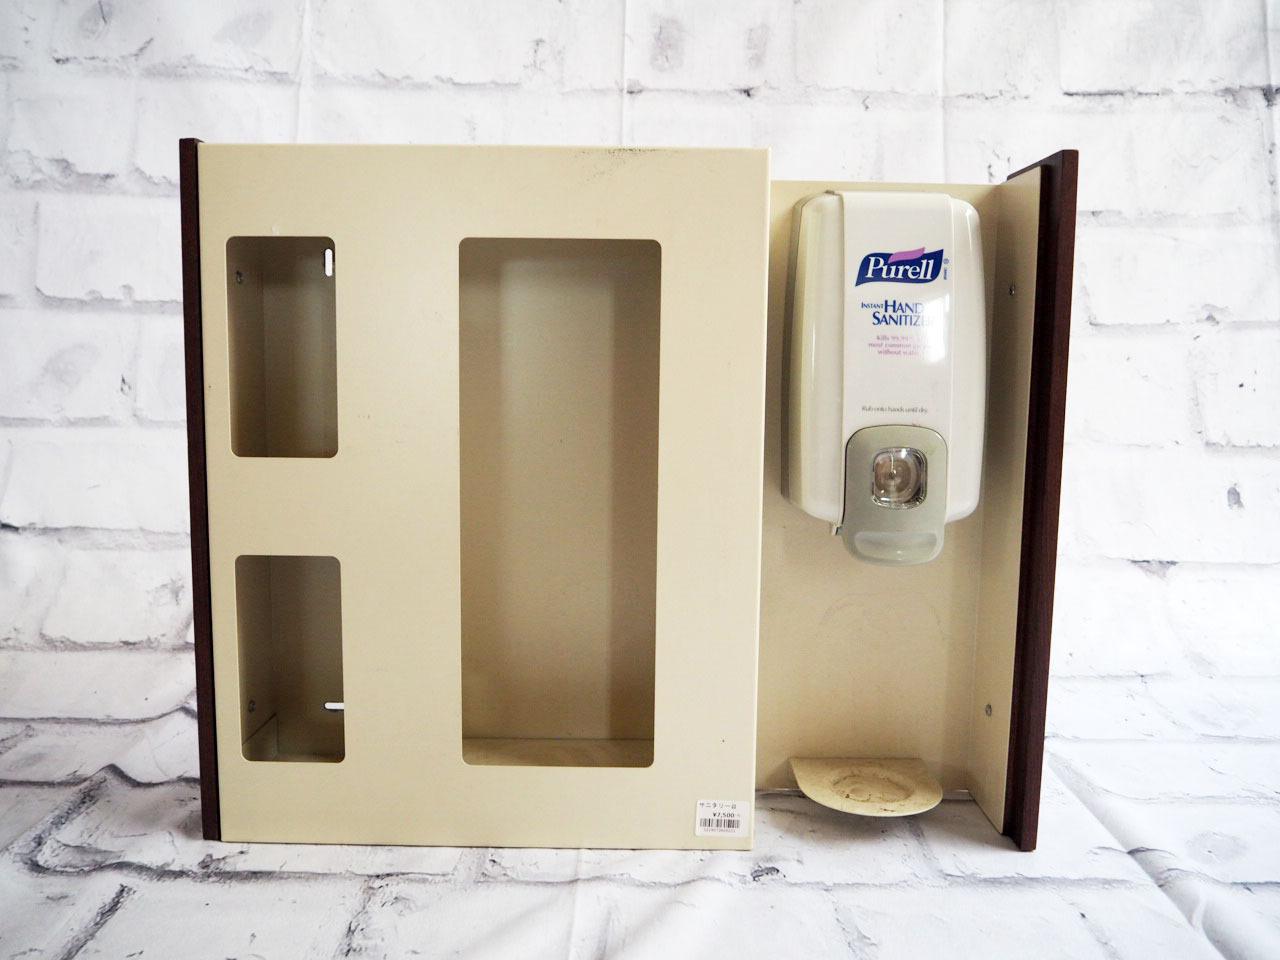 品番5221  サニタリー台 Pure HAND SANITIZER ICP-2MM 洗面化粧台 トイレ用洗面台 ヴィンテージ